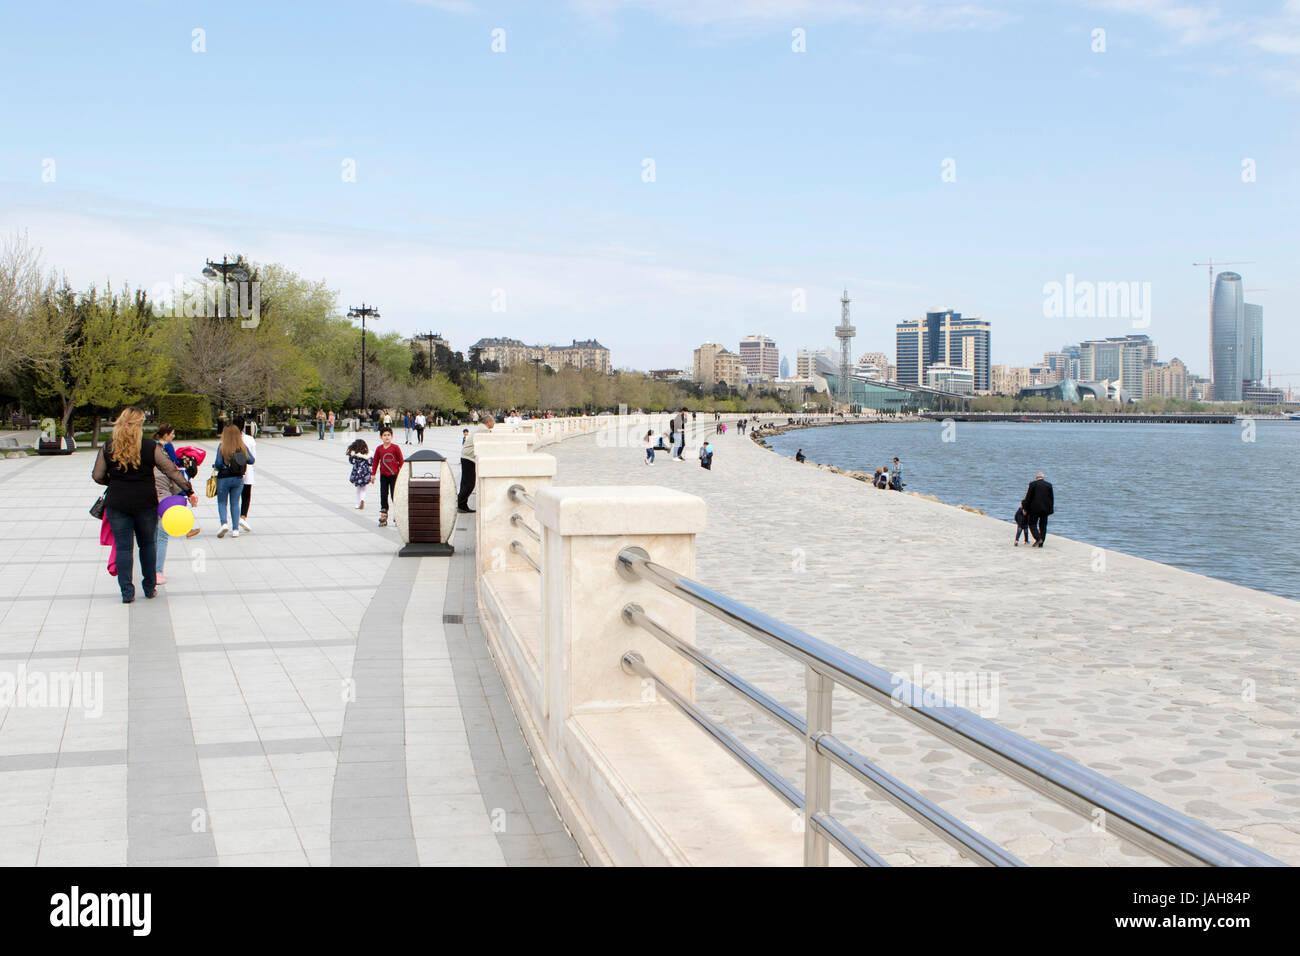 Promenade Baku, Azerbaijan - Stock Image